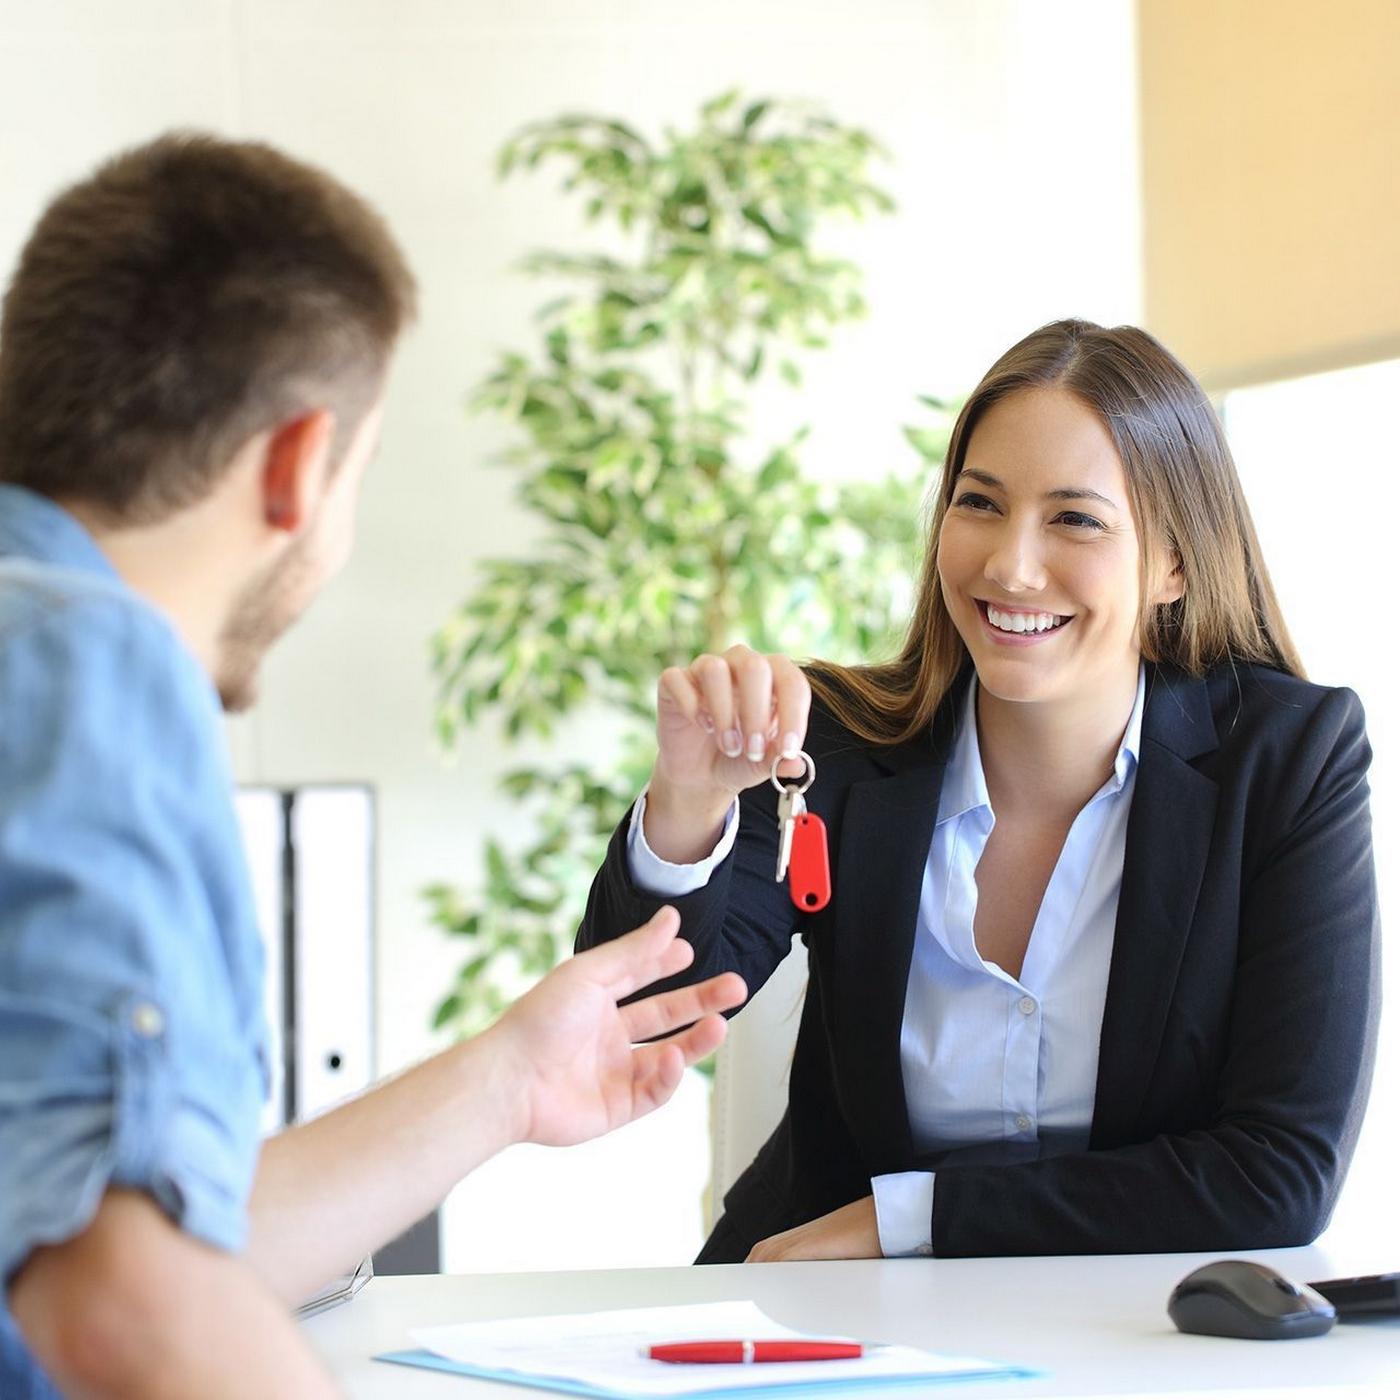 Image of a leasing women handing resident keys